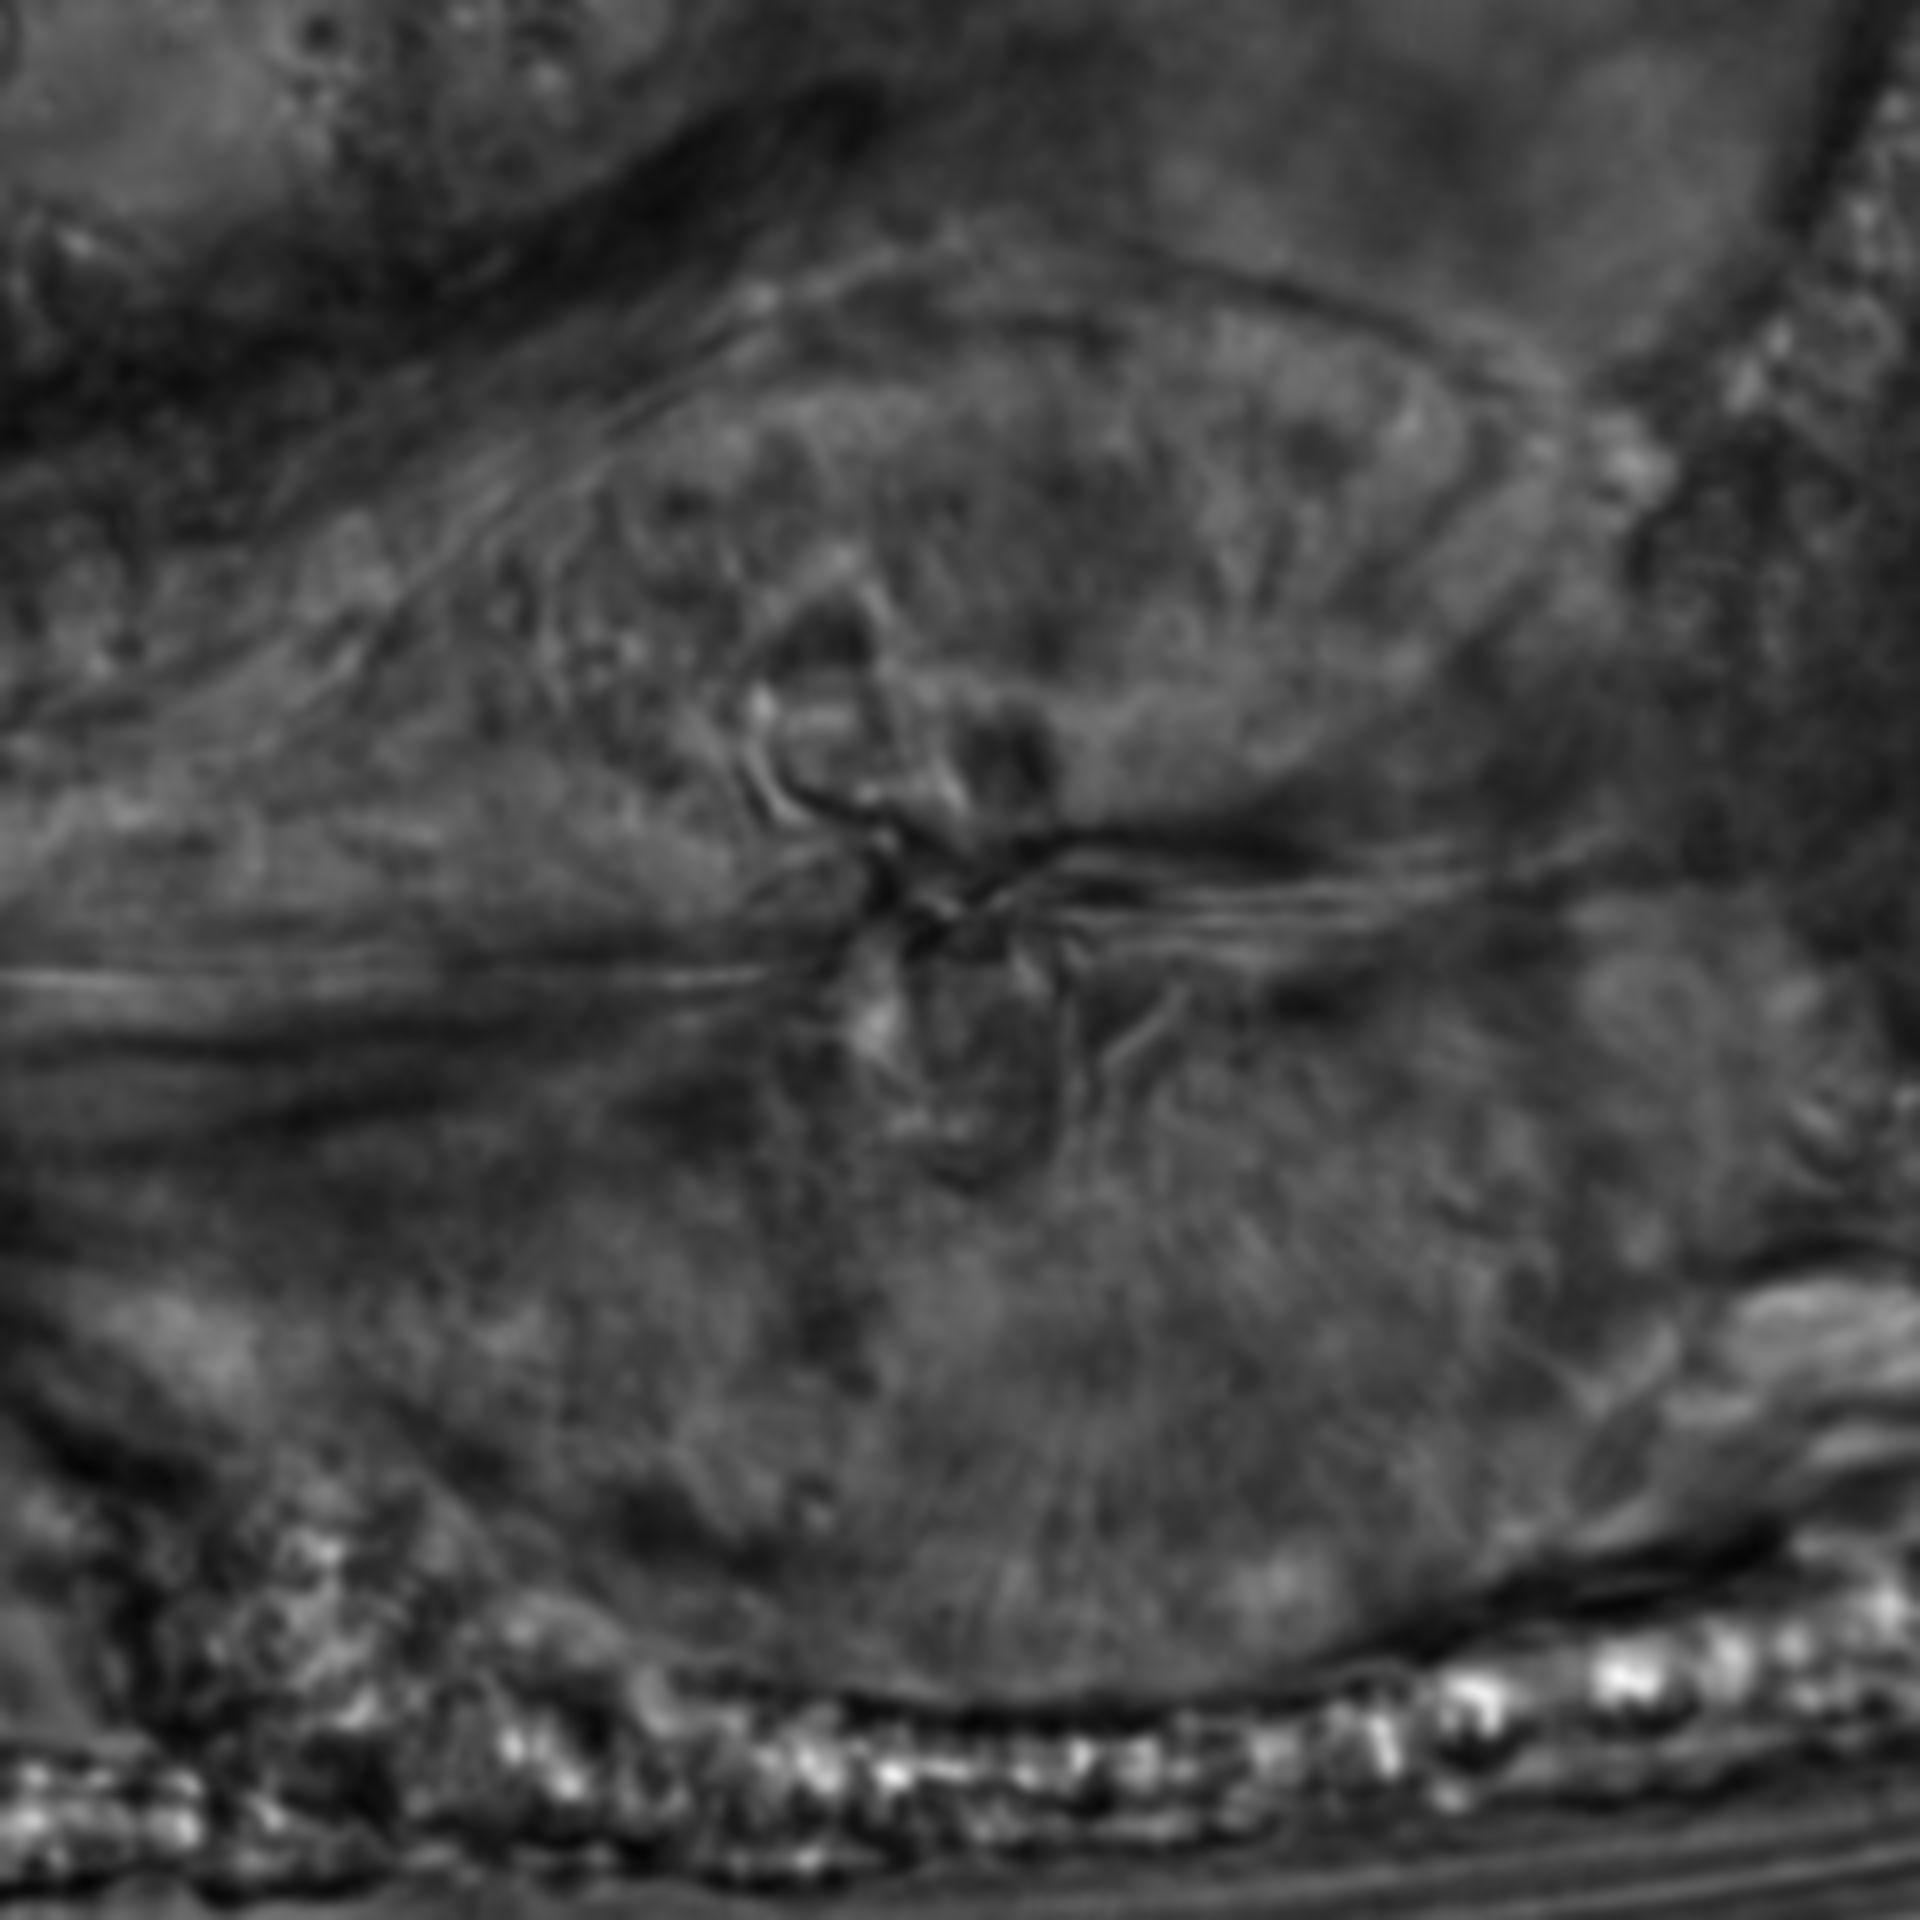 Caenorhabditis elegans - CIL:1905